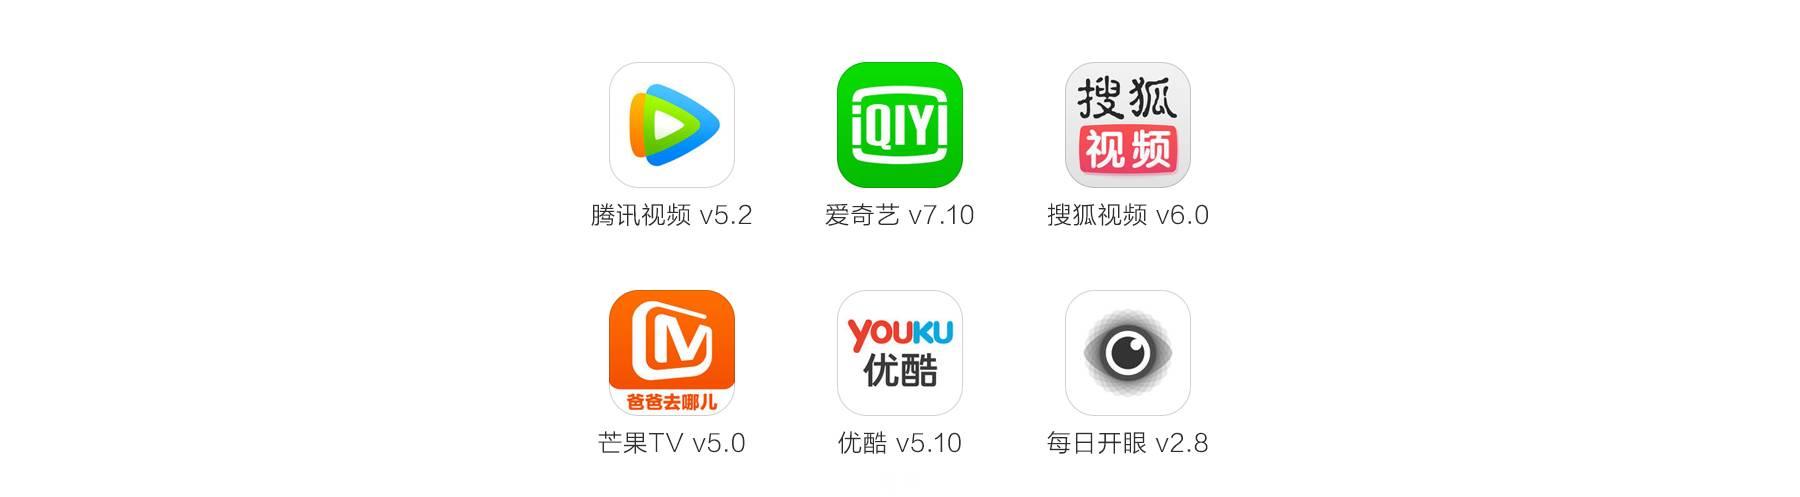 本文选择腾讯视频,爱奇艺,搜狐视频和芒果tv进行界面整体的对比,在